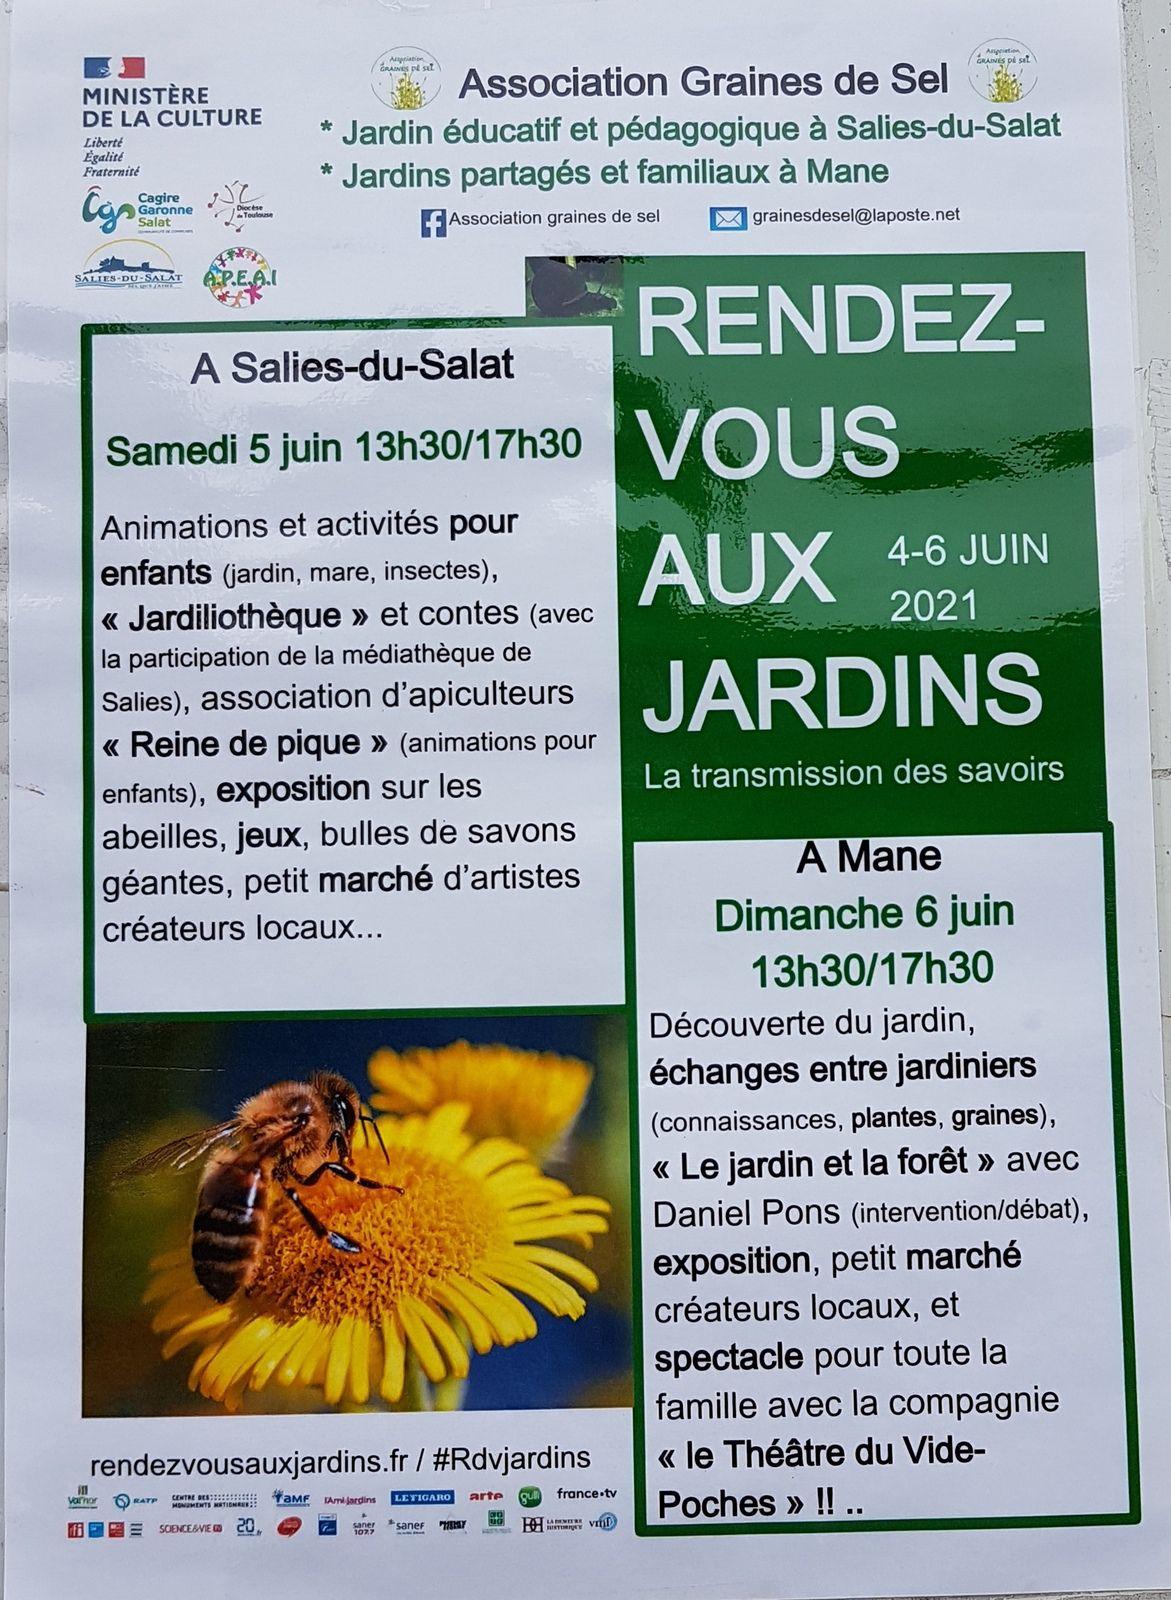 Salies du Salat - Mane - rendez-vous aux jardins du 4 au 6 juin